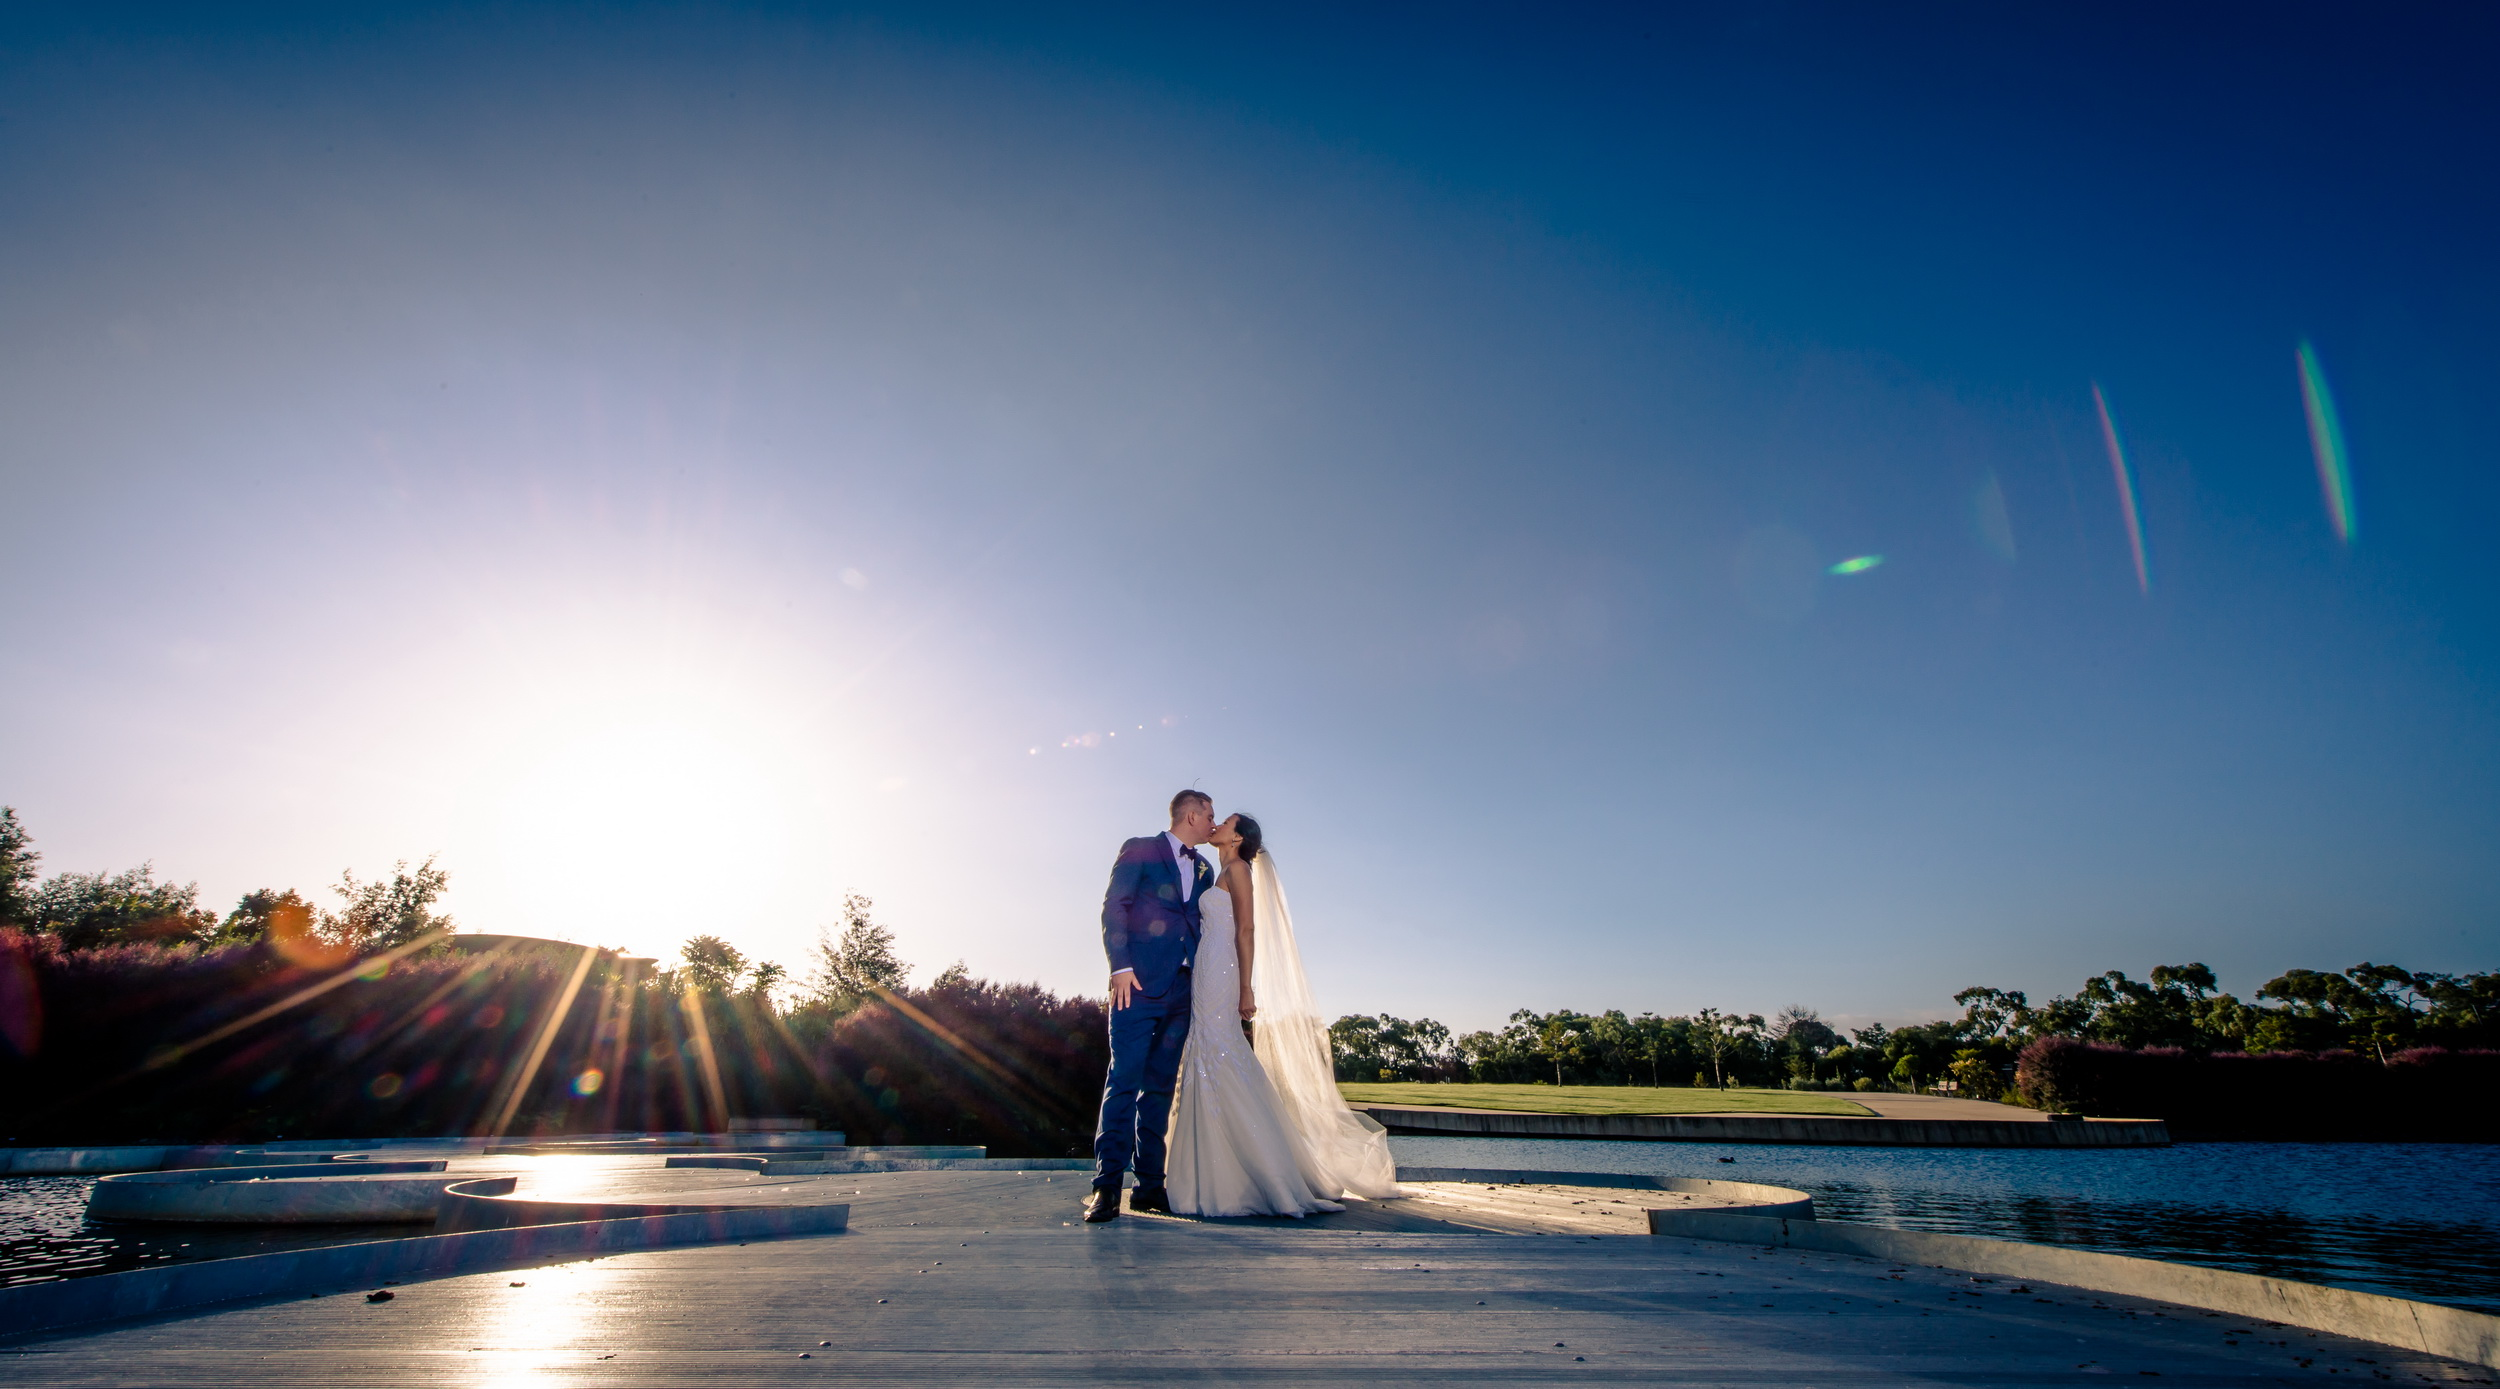 Kiera & Ben - Wedding @ Botanical Gardens Cranbourne